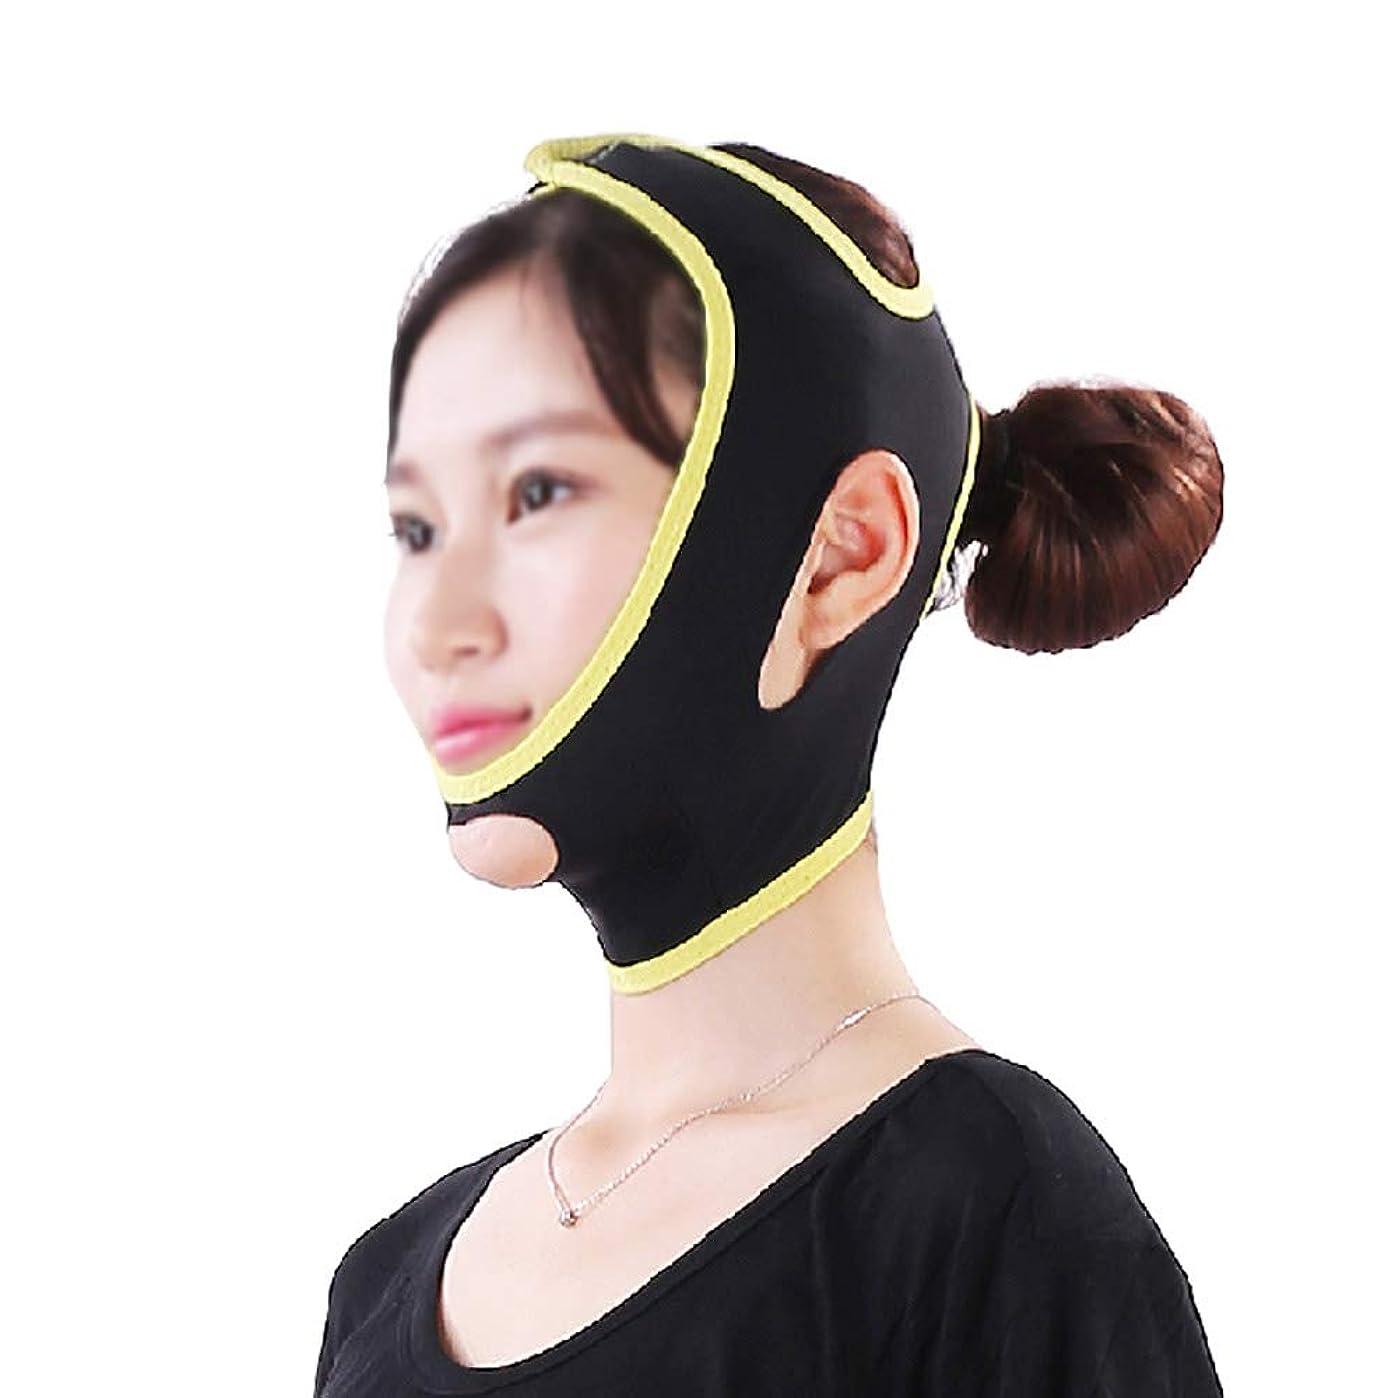 安息アフリカ人大学XHLMRMJ 顔と首のリフト、Vフェイスマスクは顔面の輪郭を強調し、咬筋の引き締めあごの超弾性包帯を和らげます (Size : L)